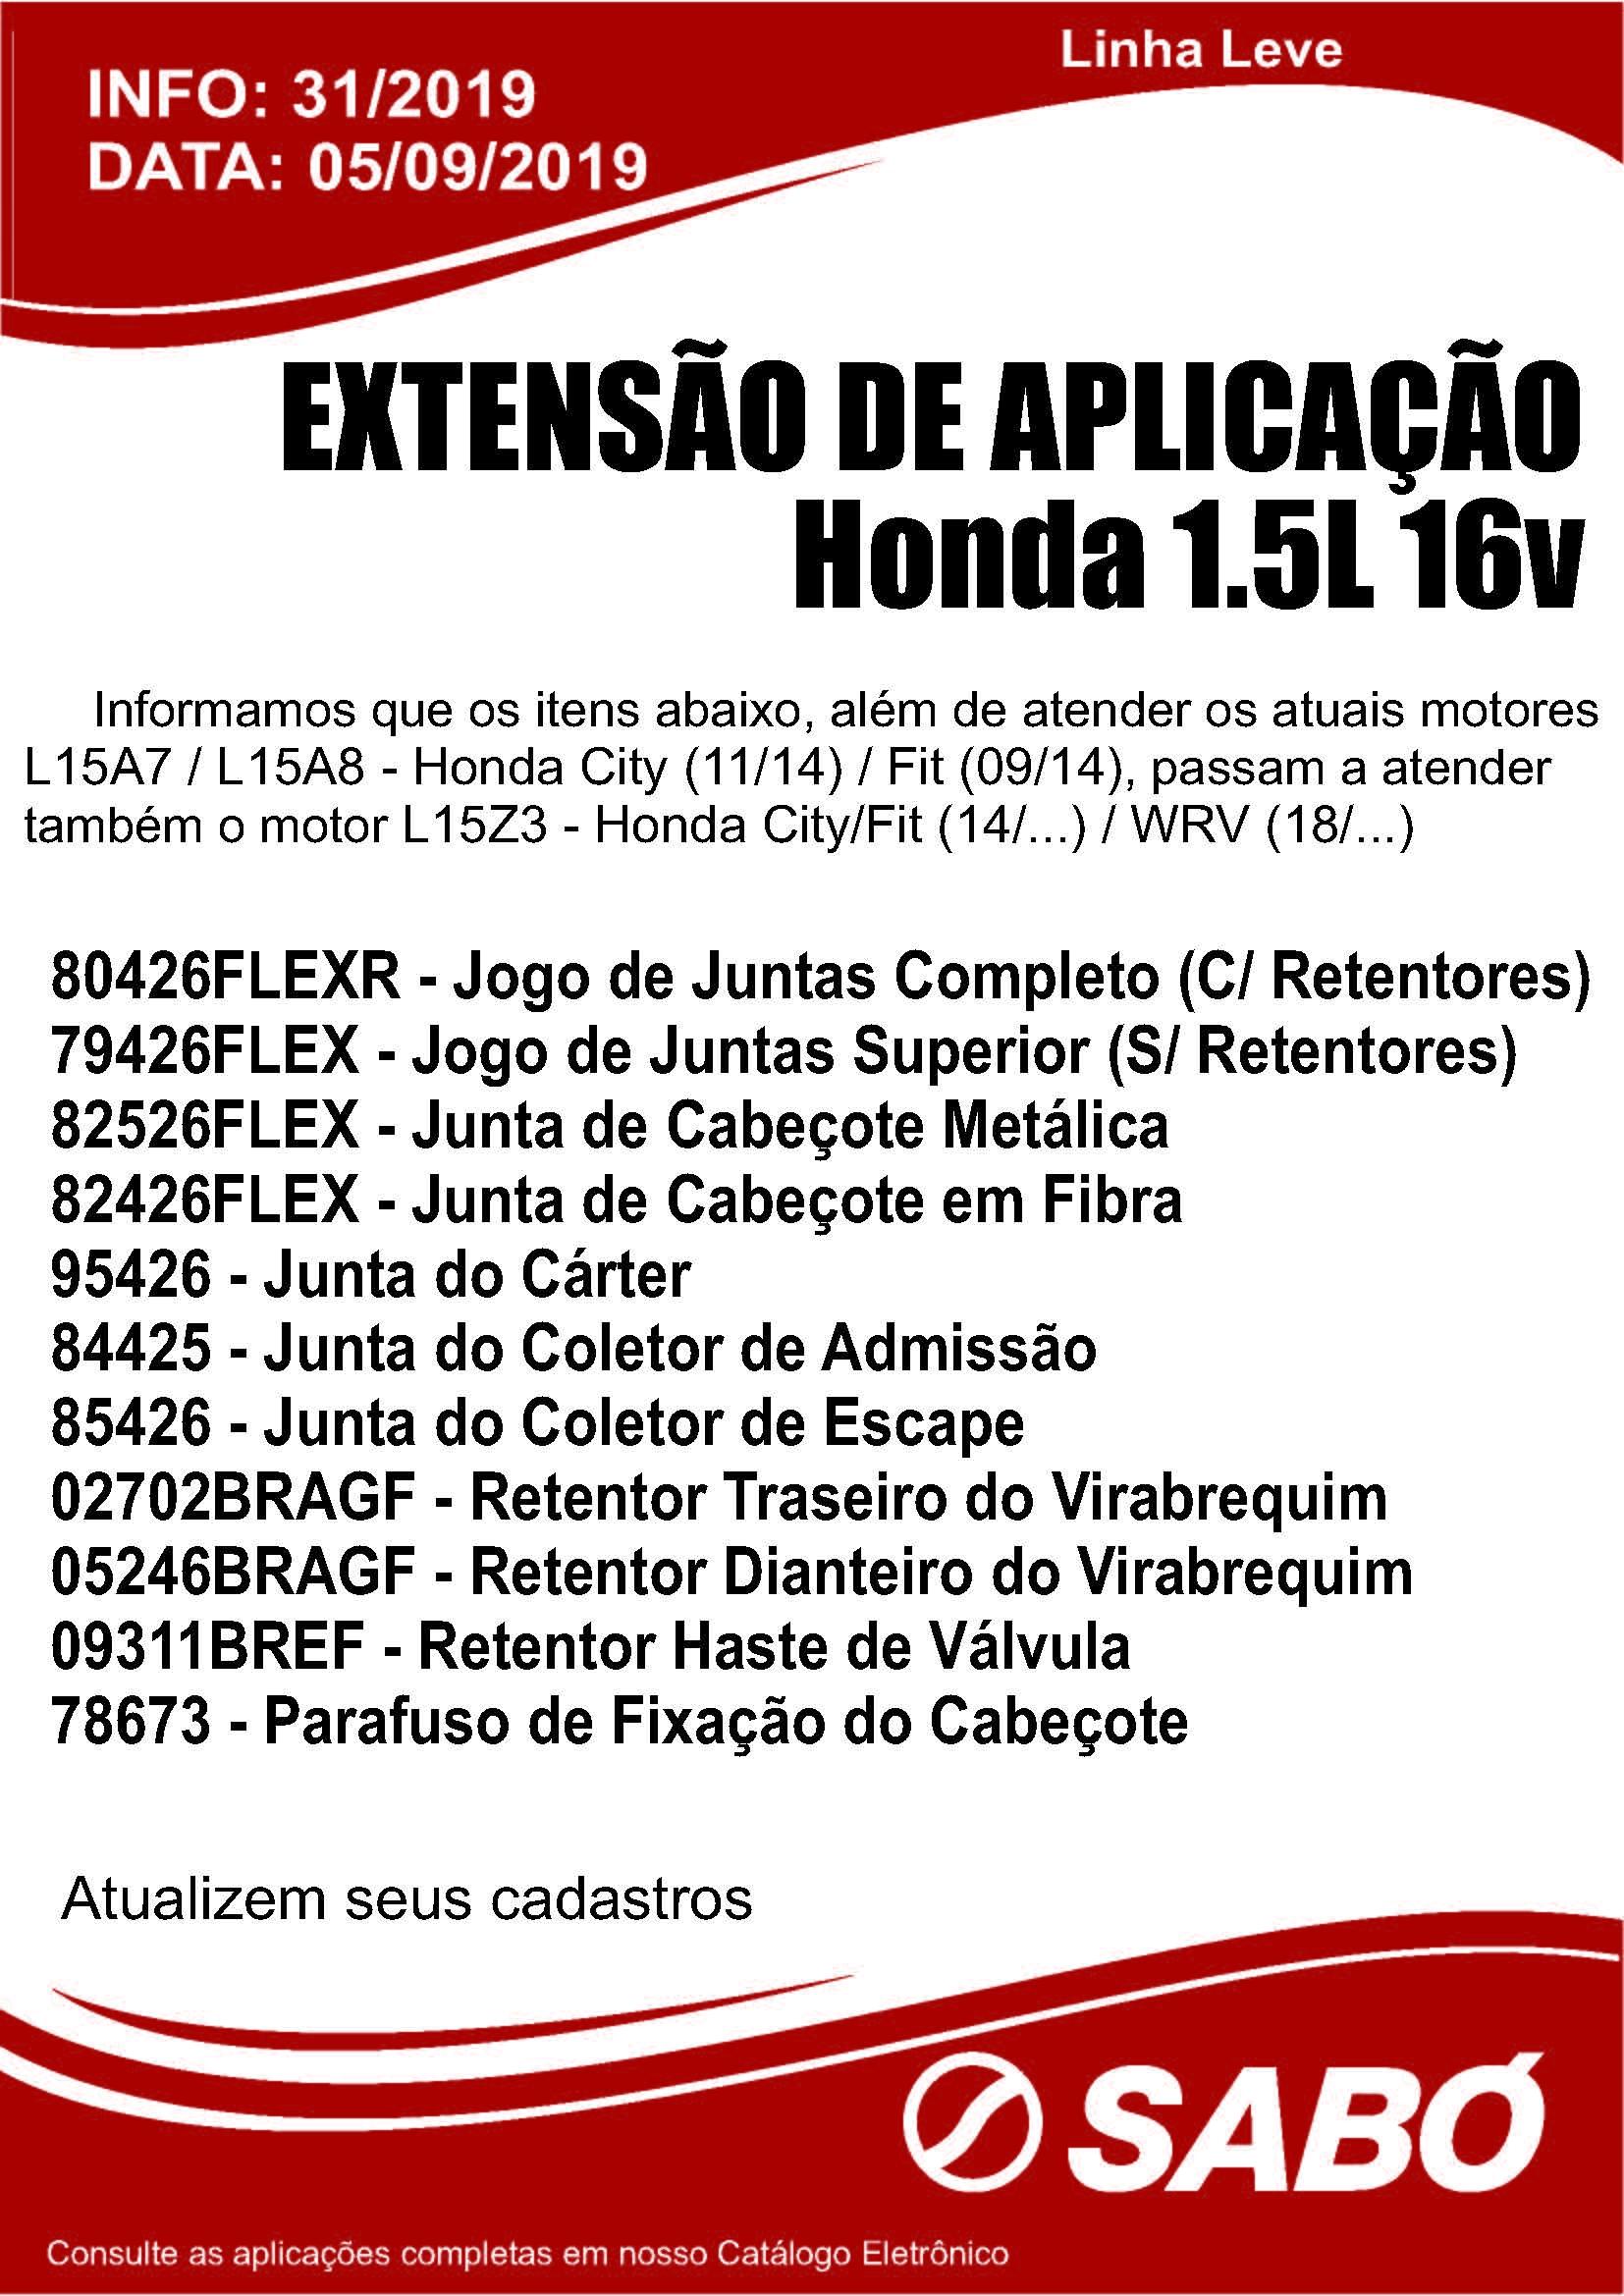 Info 031 - Extensao de Aplicacao Honda 1.5L 16v